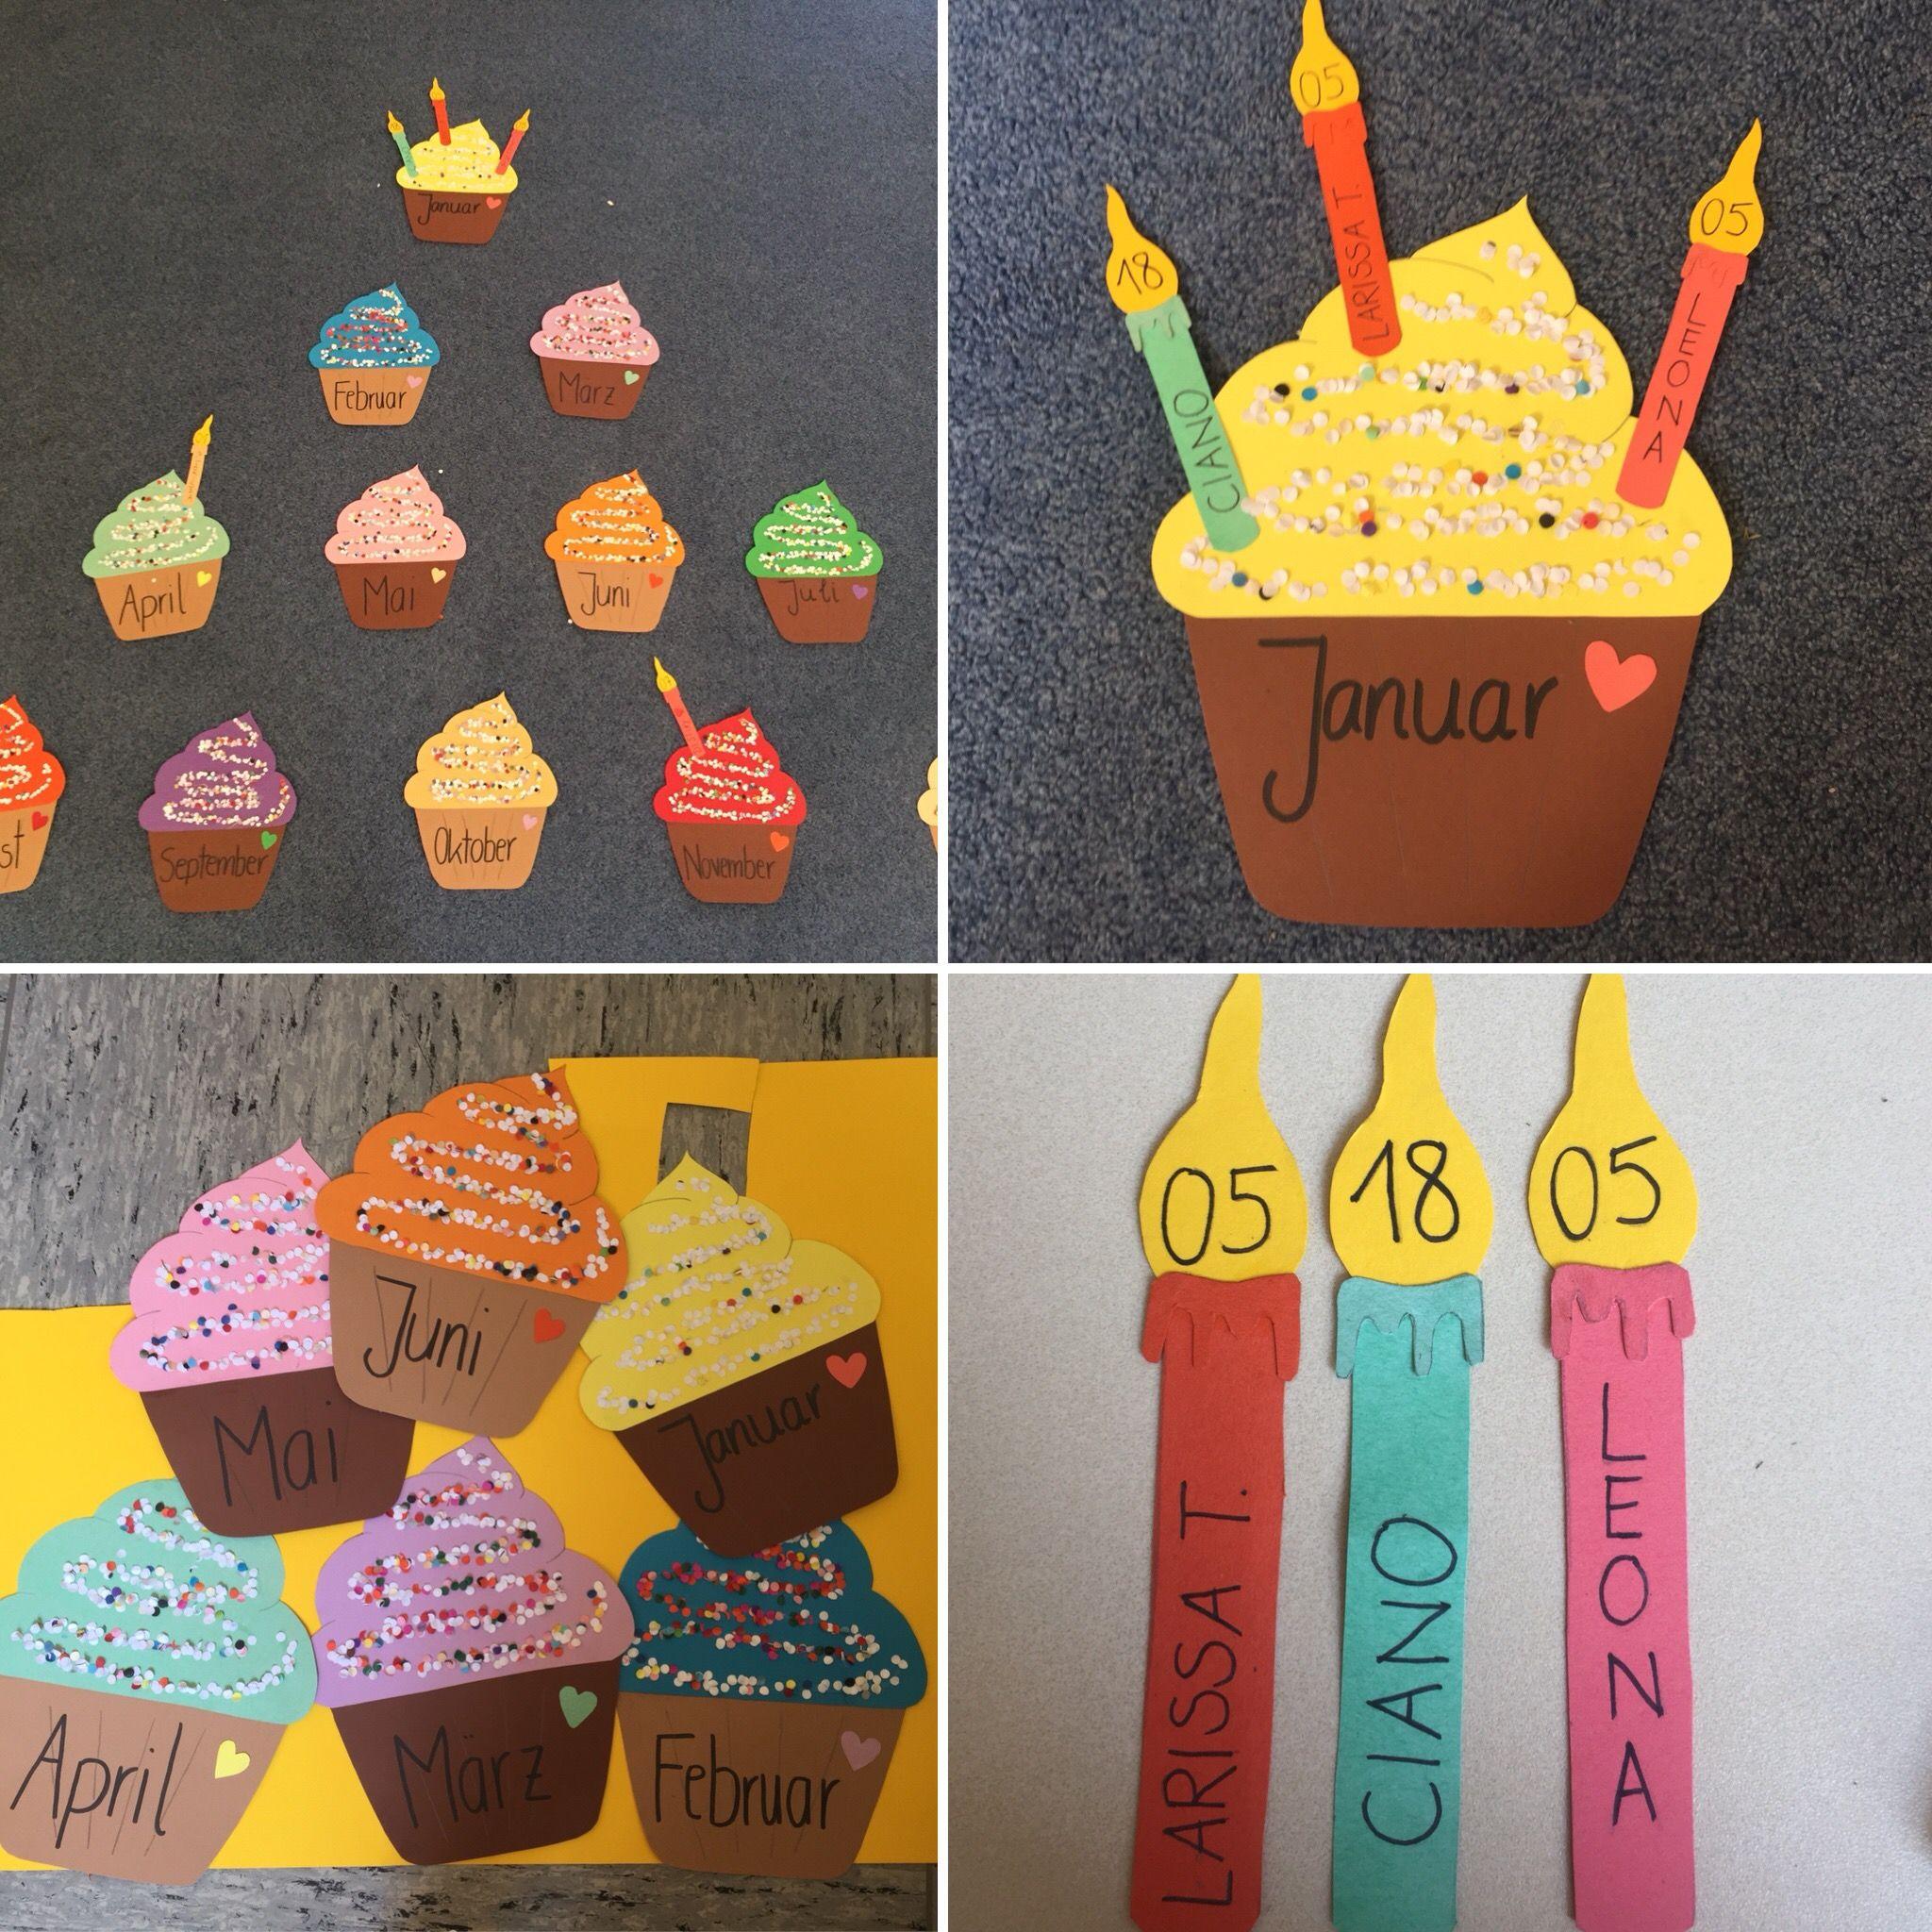 Cupcake Geburtstagskalender Einmal Vorlagen Machen Alles Aufzeichnen Ausschne Geburtstag Kalender Basteln Geburtstagskalender Geburtstagskalender Basteln